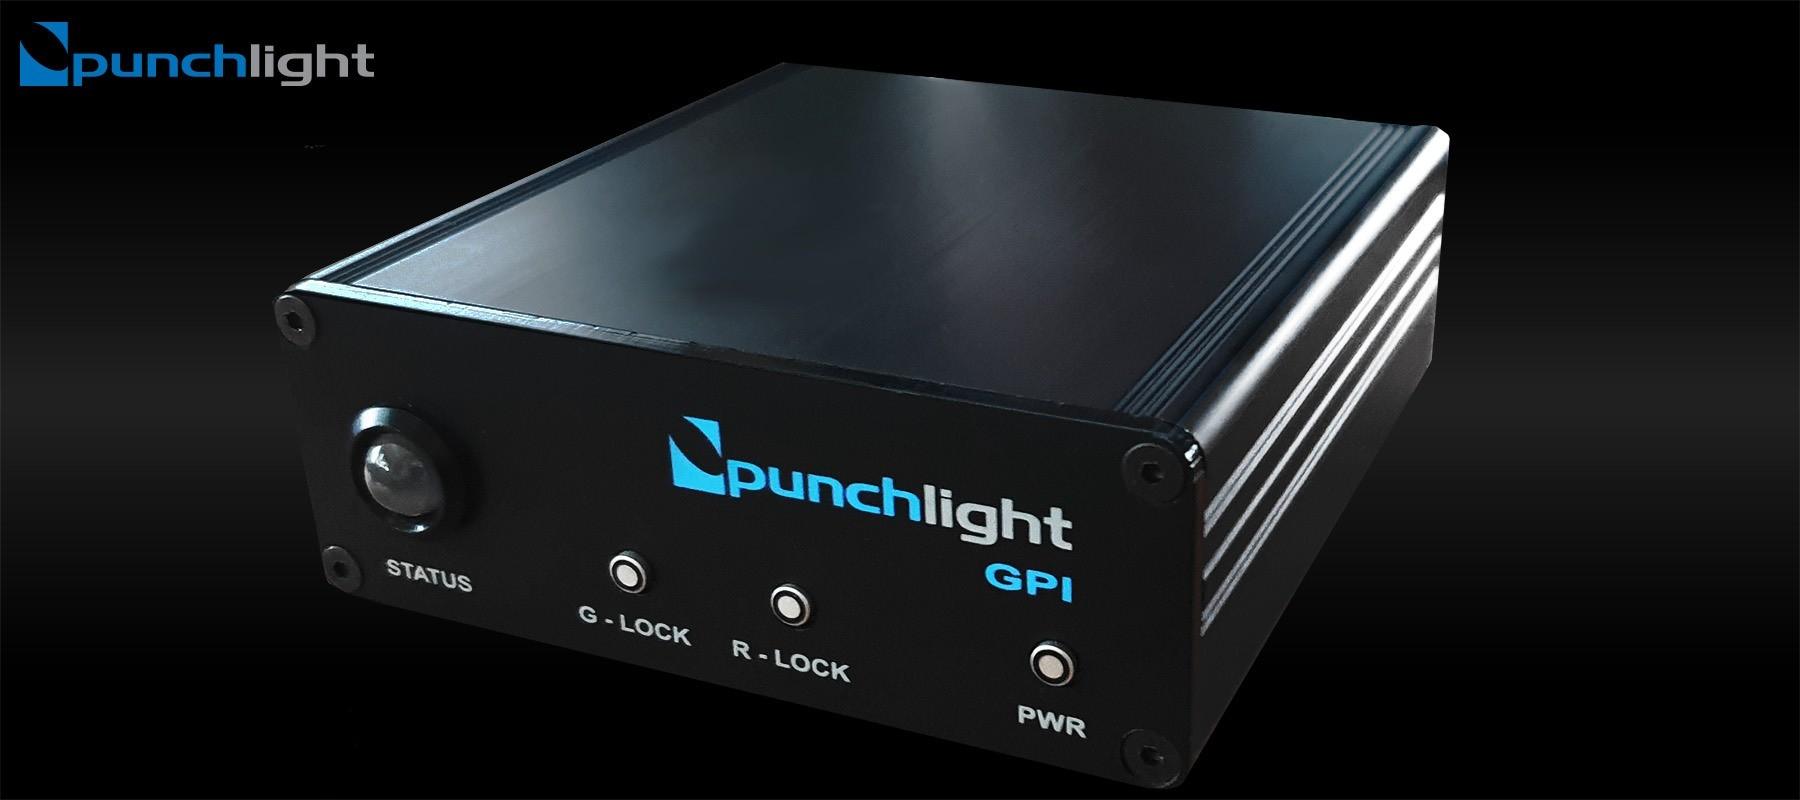 Punchlight GPI